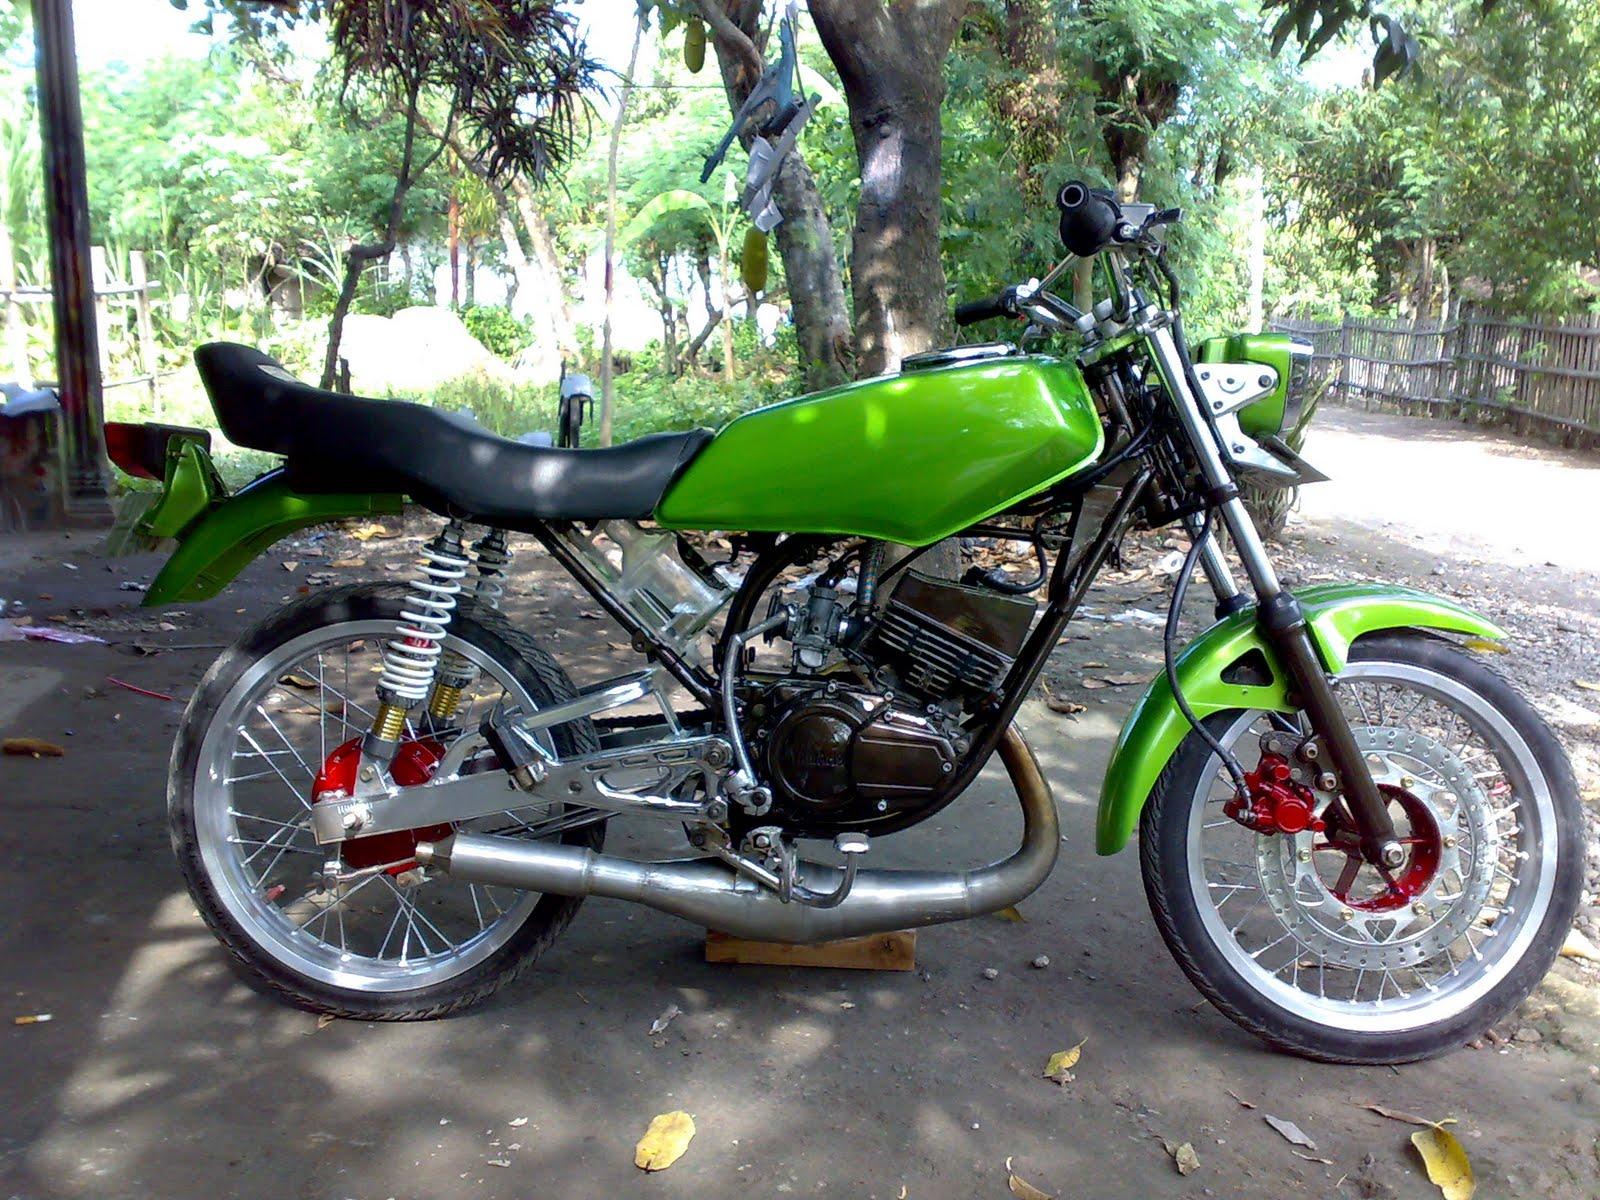 modifikasi motor rx king warna hijau  paling bagus